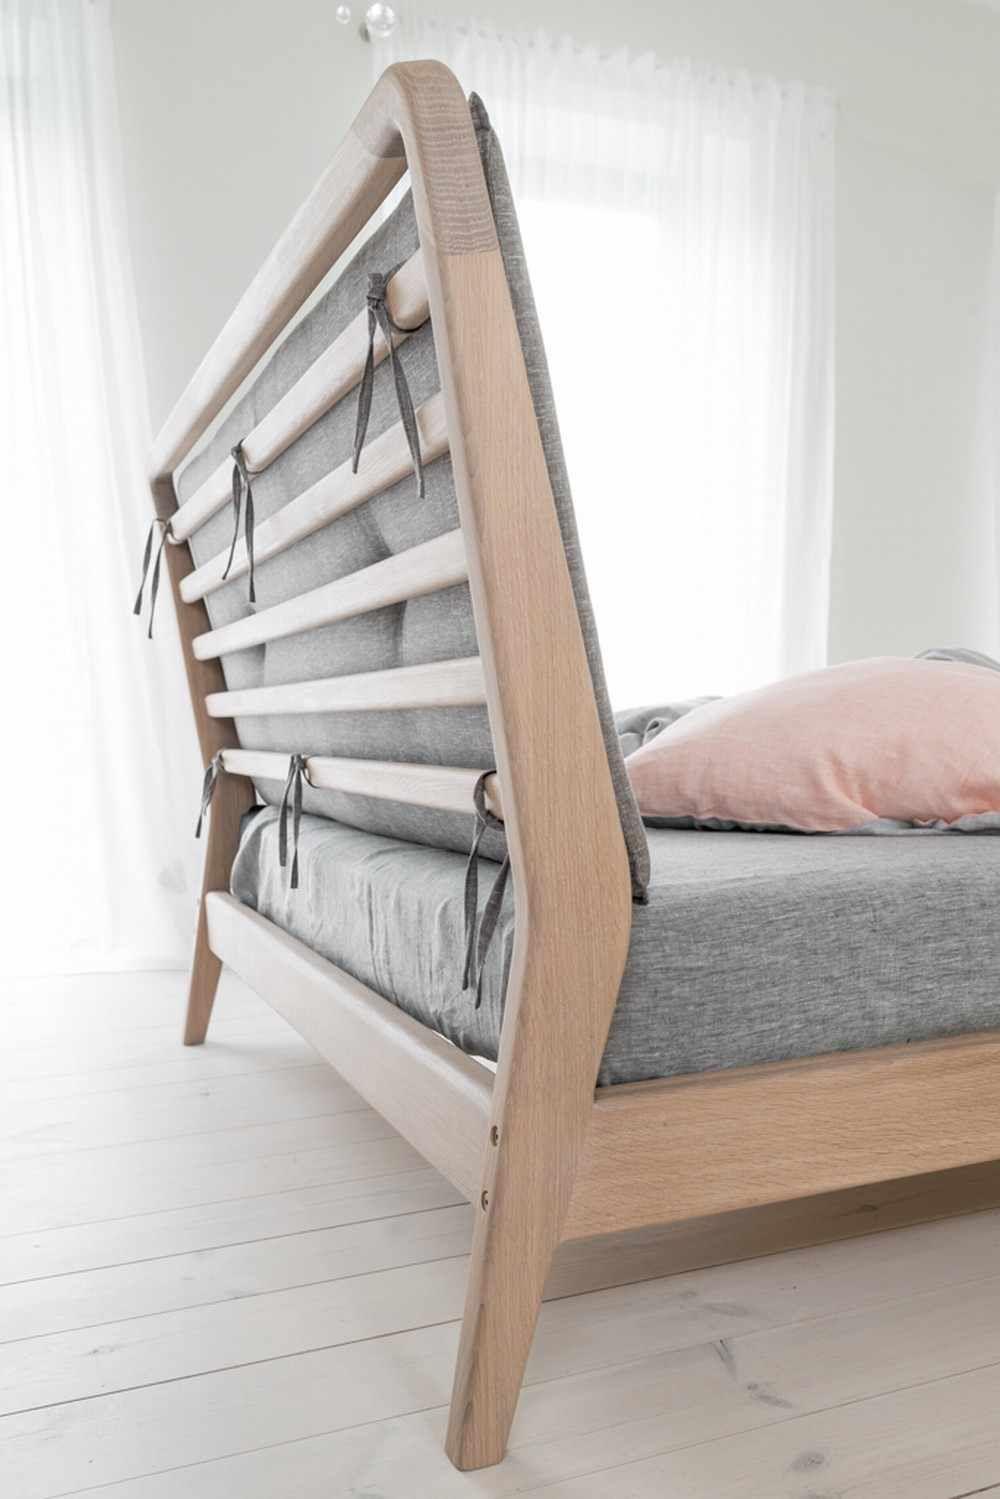 B1-Łóżko-3.jpg | Beds | Pinterest | Bett, Betten und Betten aus holz